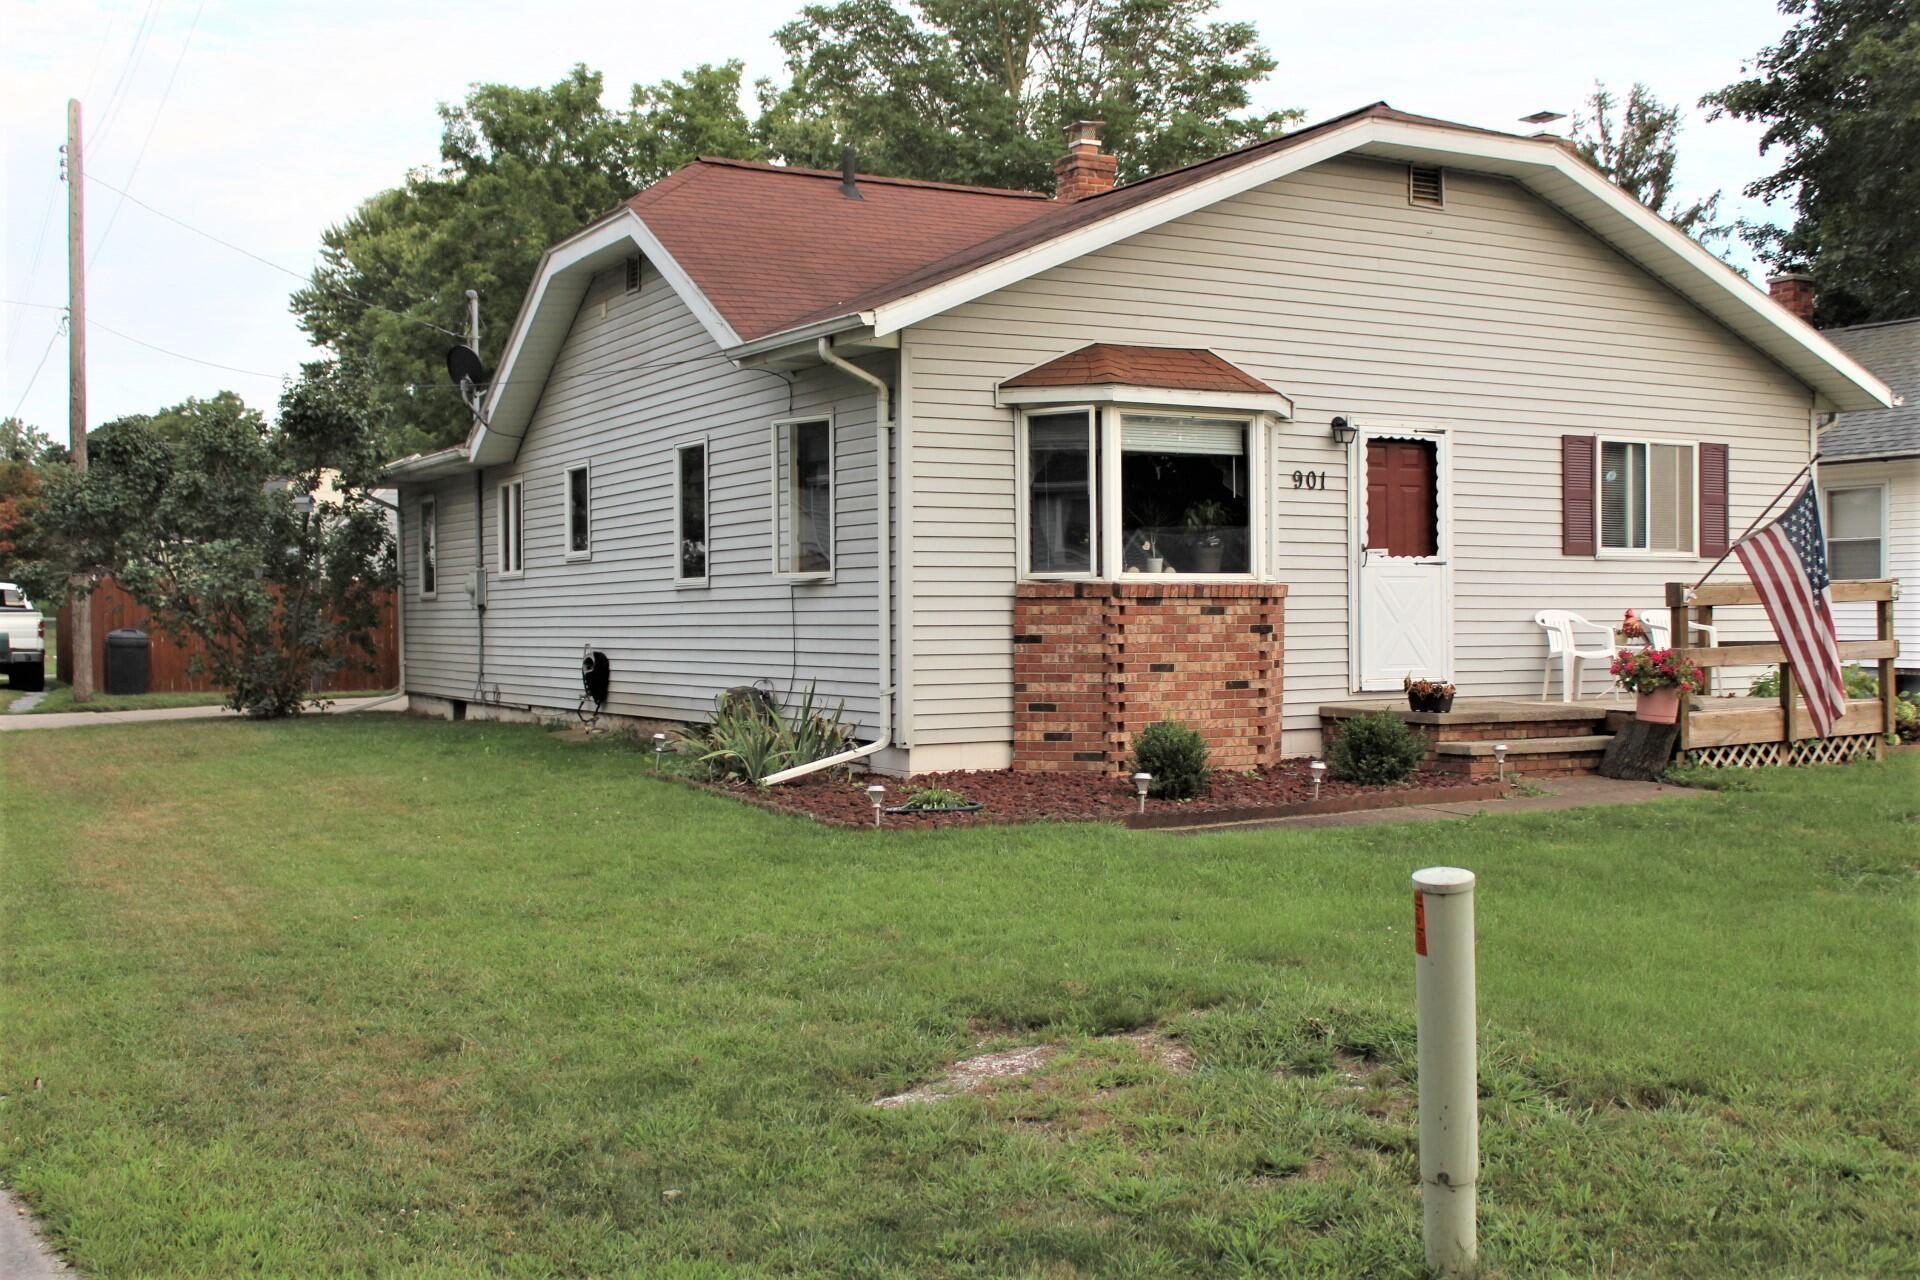 901 Hague Avenue, Jackson, MI 49203 - MLS#: 21103544